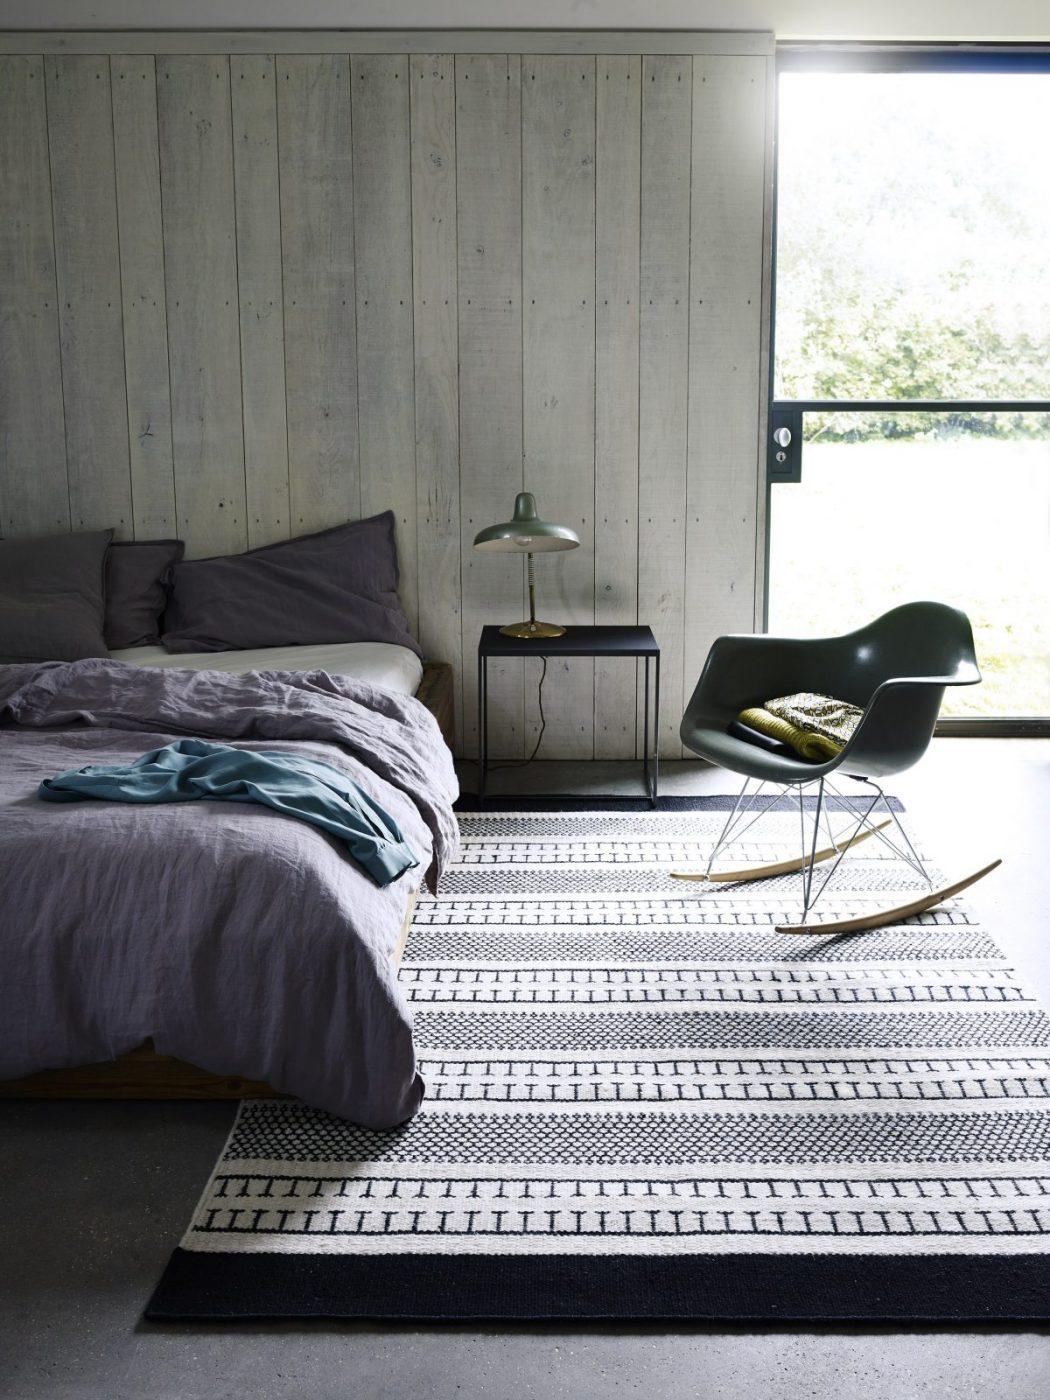 Belle bel01 plantation rug company best at flooring for Belle flooring